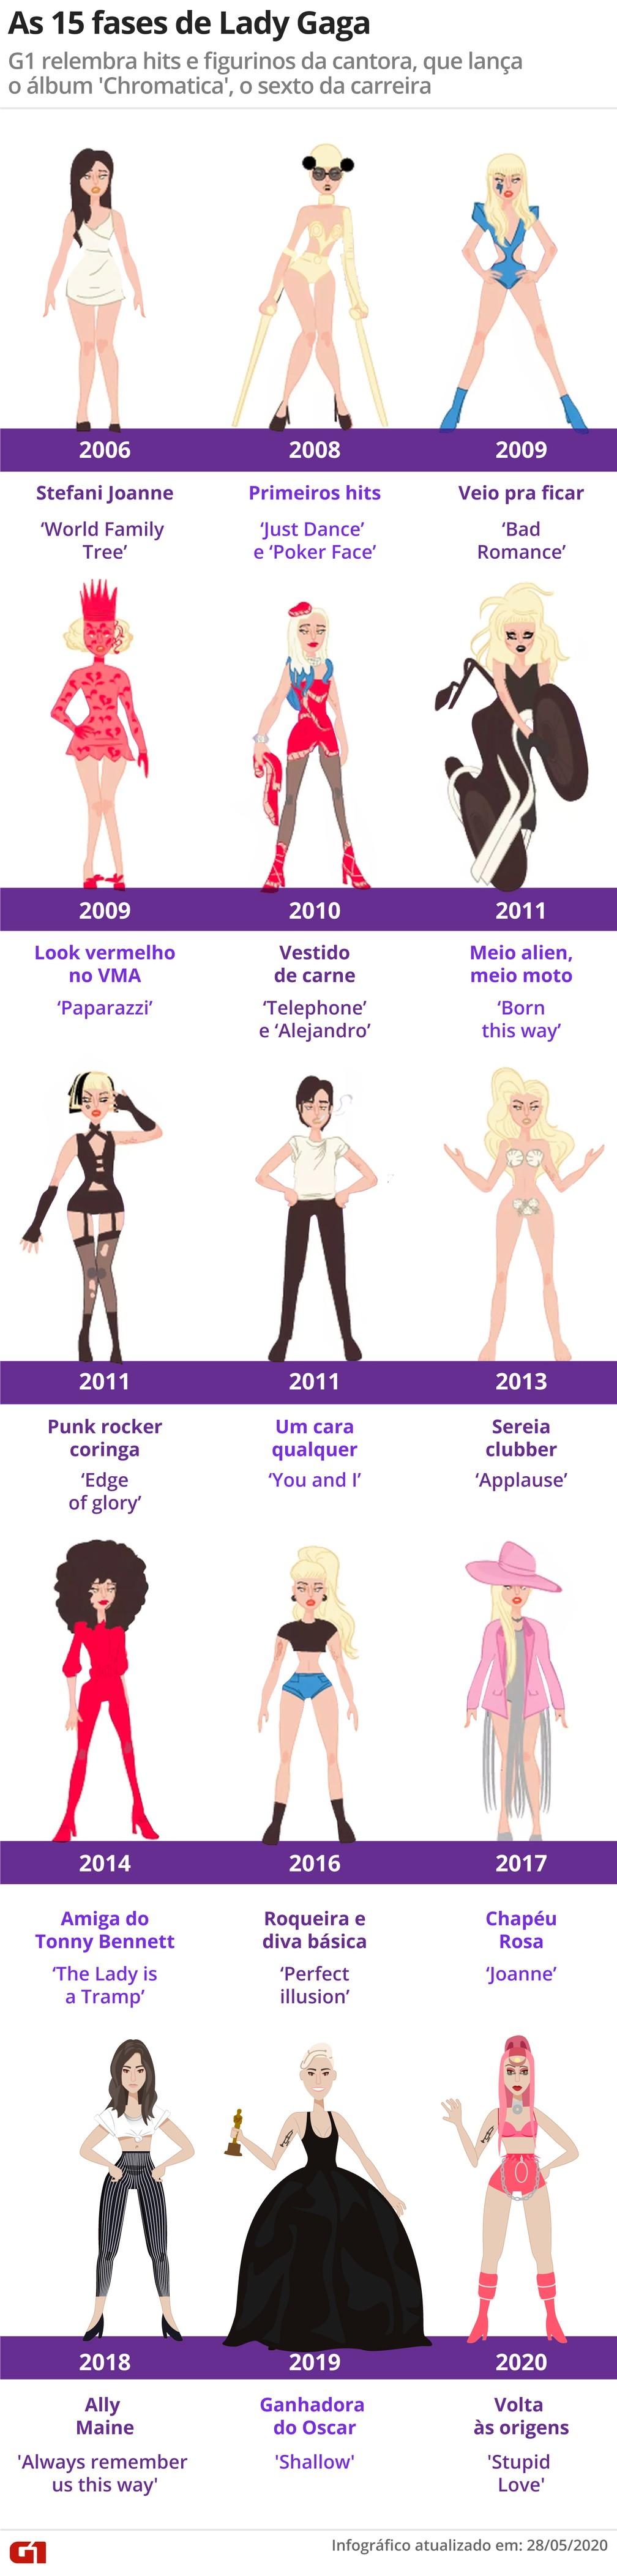 Relembre a carreira de Lady Gaga em 15 fases — Foto: G1/Arte